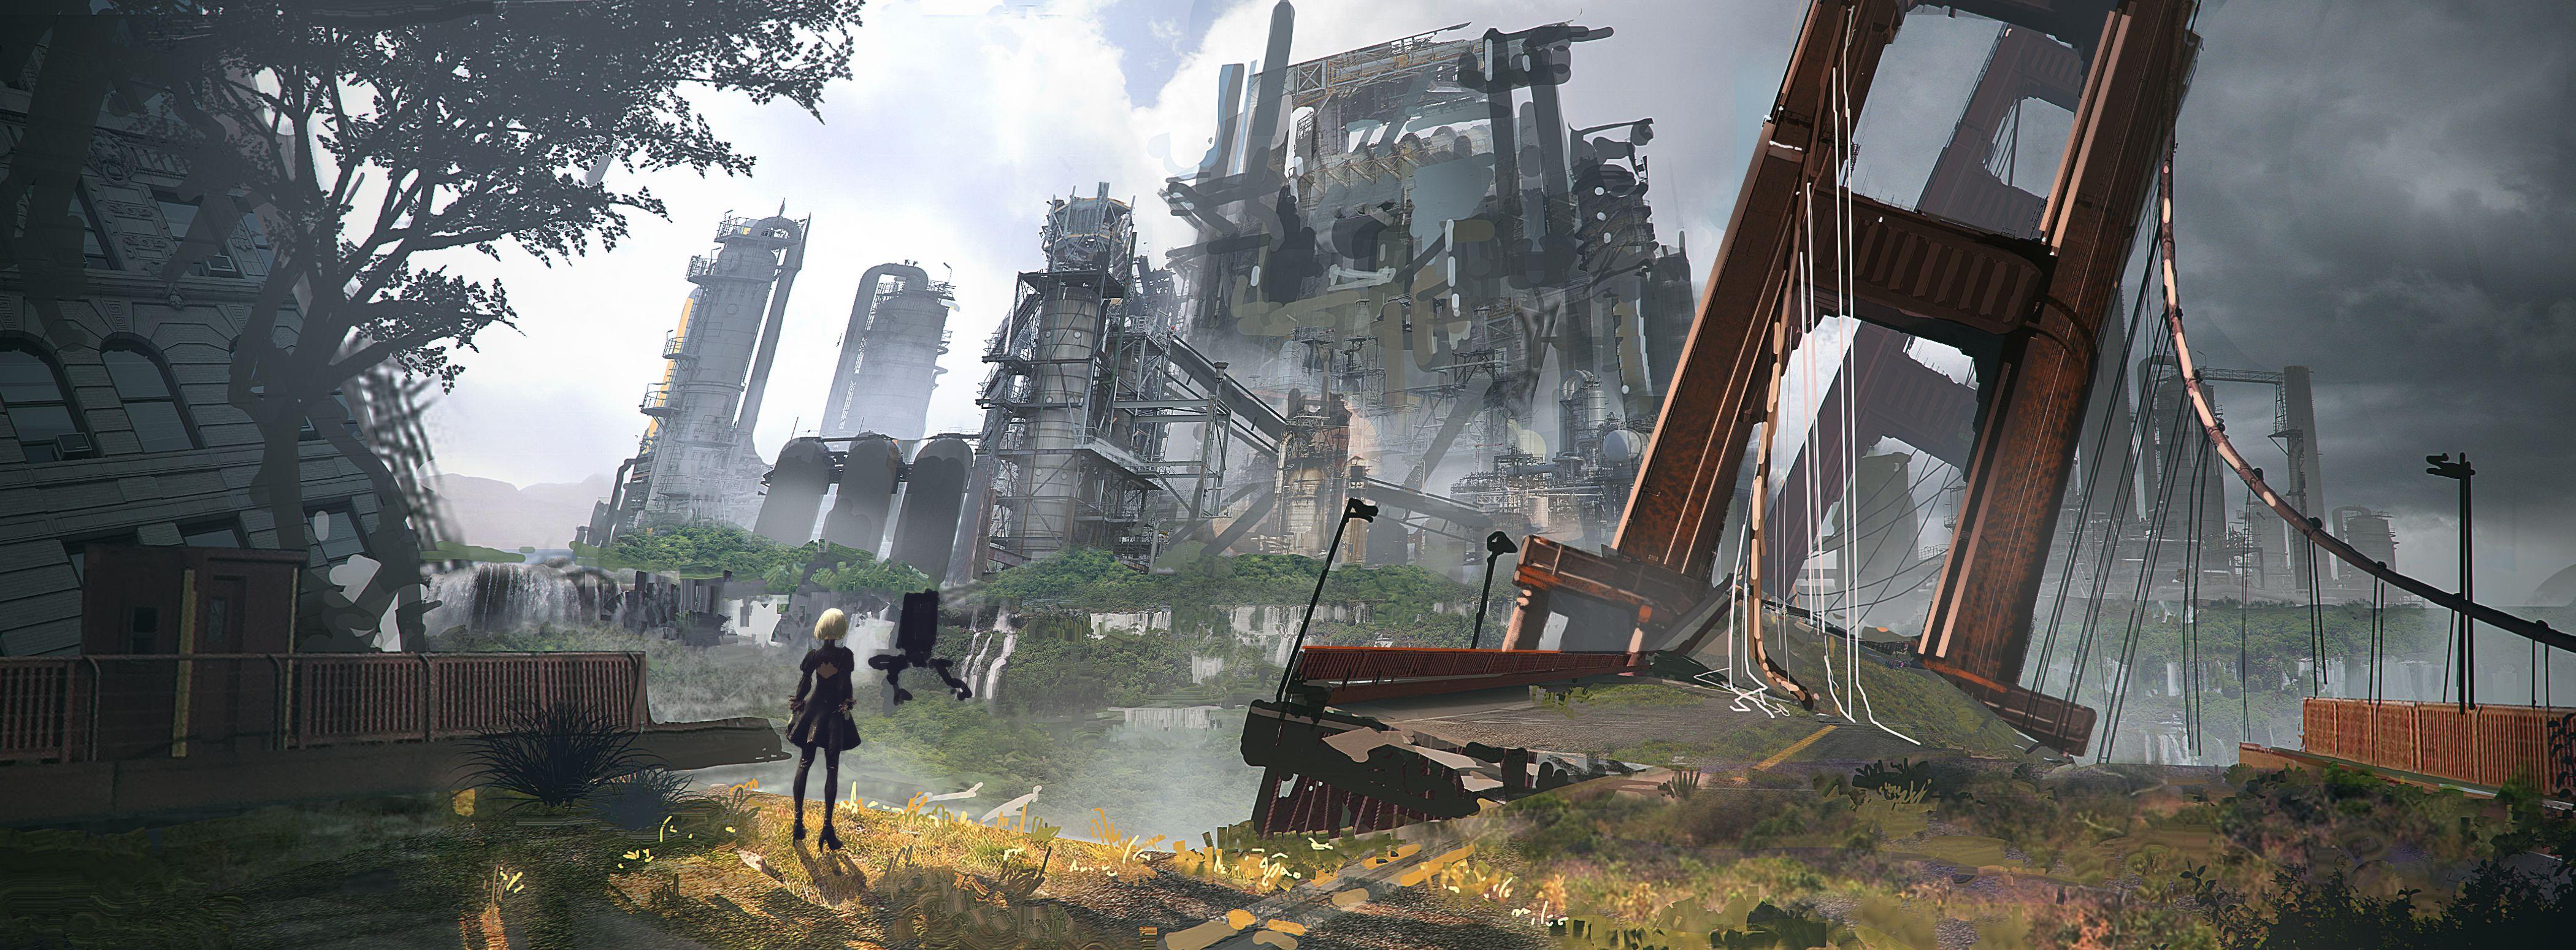 NieR: Automata v prvním gameplay traileru a screenshoty 115681